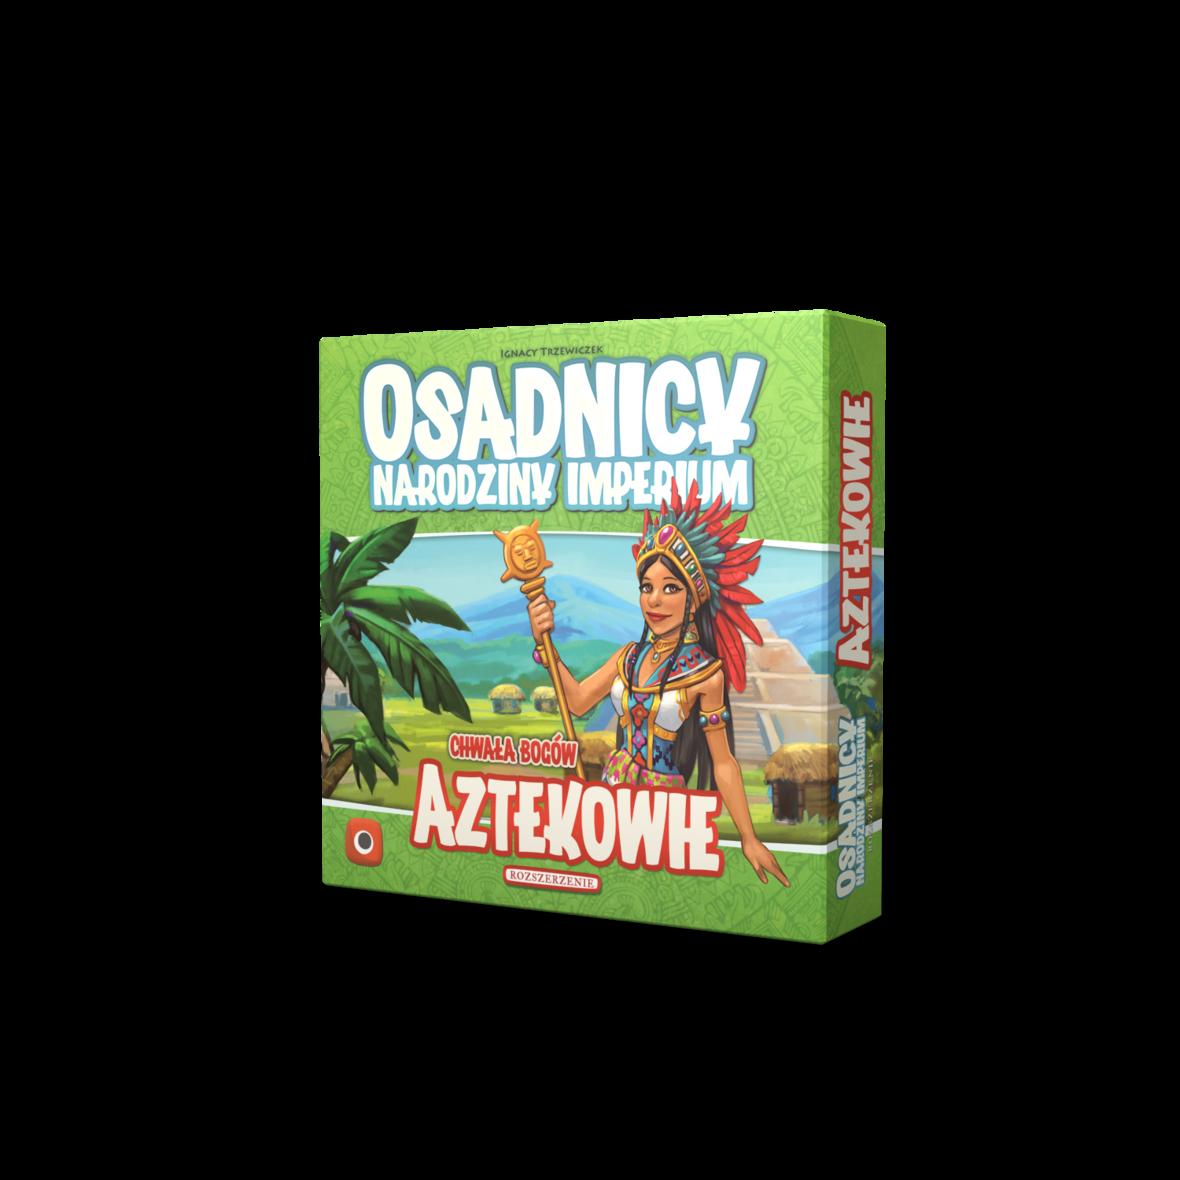 aztekowie pl